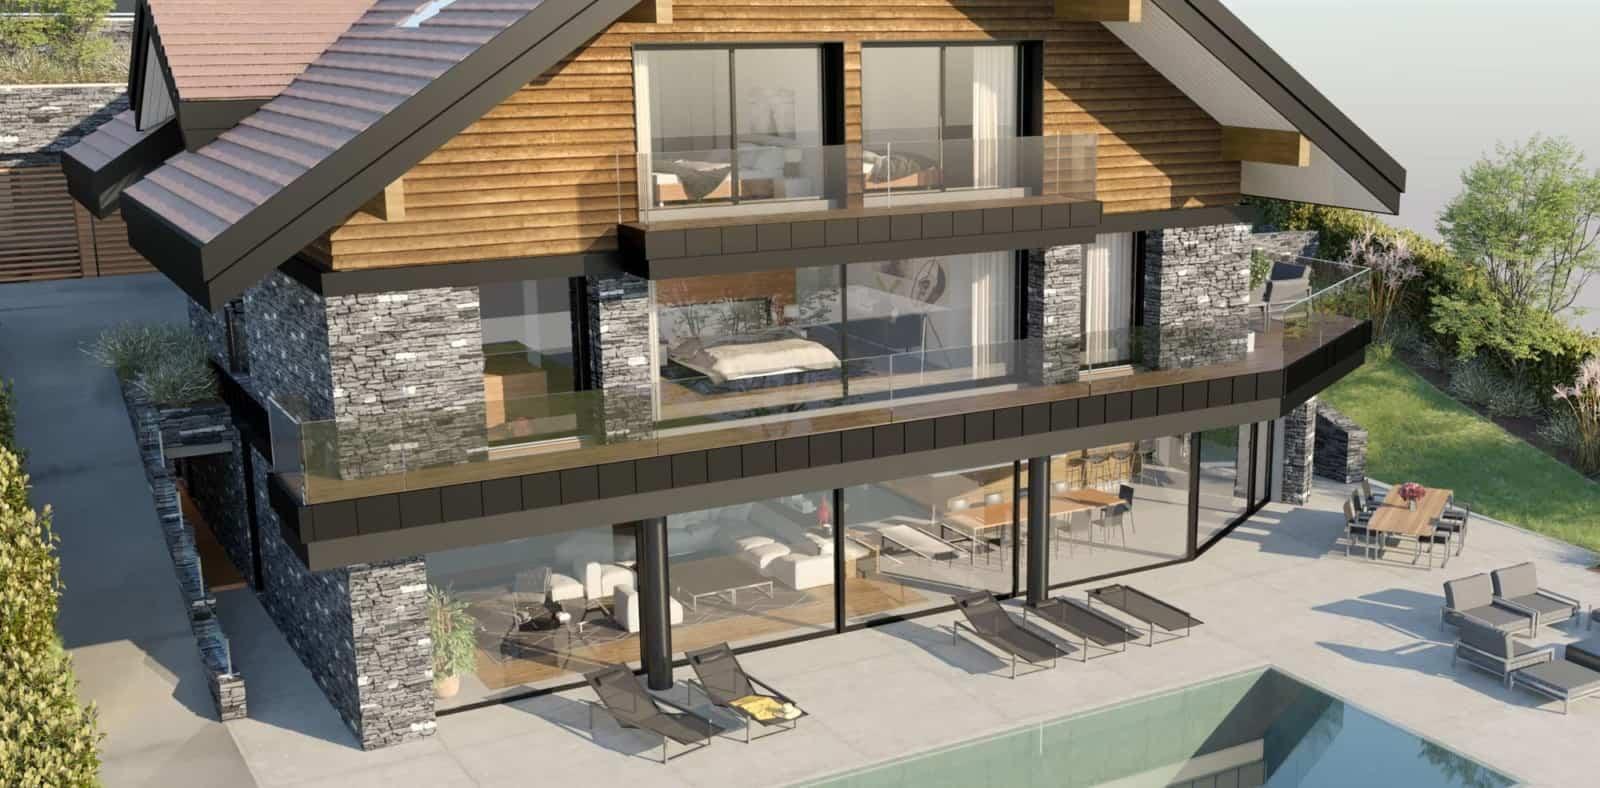 Rénovation Maison Annecy Maison d'architecte, villa contemporaine - Archidomo